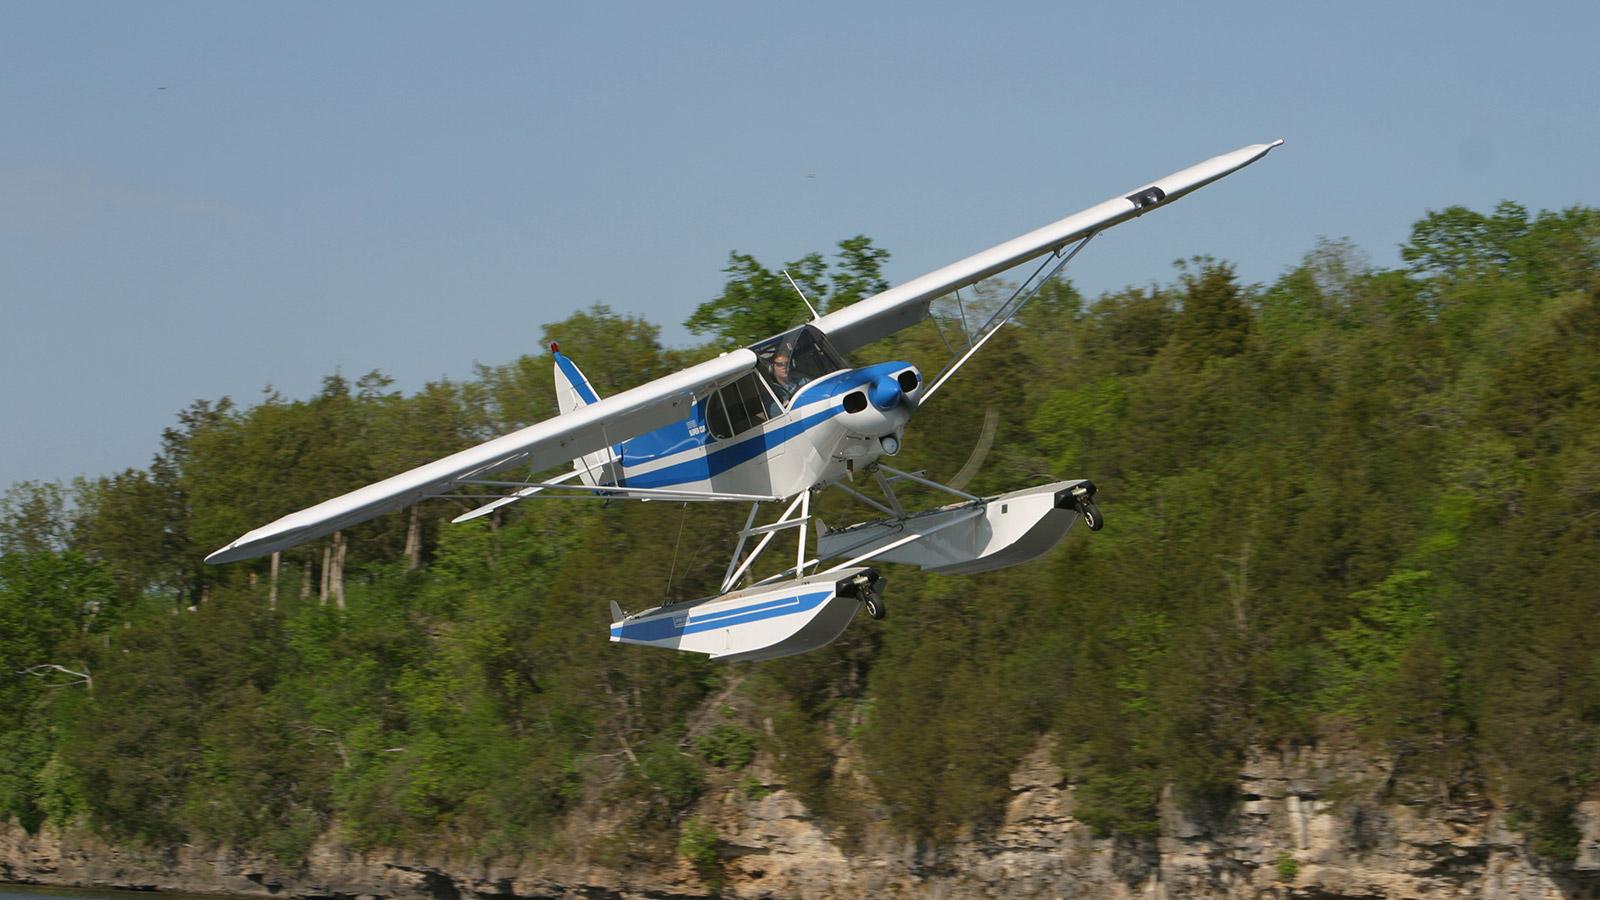 Piper Cub on Wipline 2100 Floats in Flight